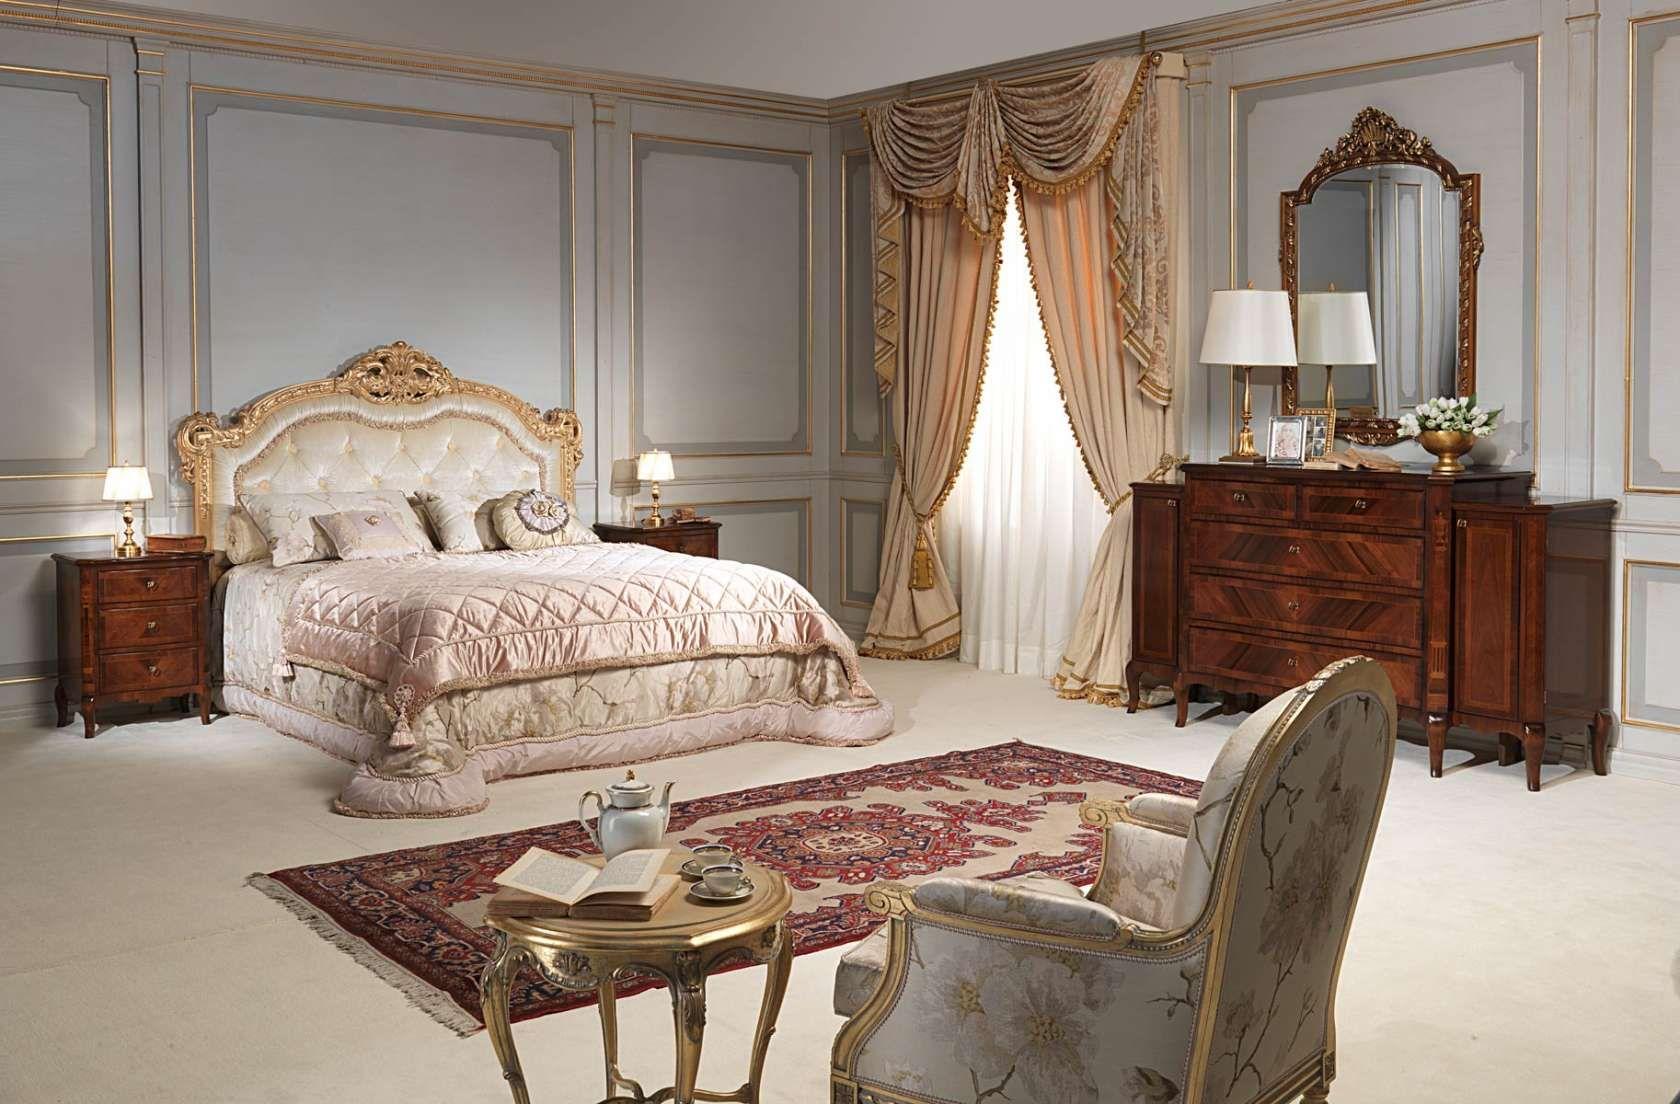 Camera Da Letto Matrimoniale In Francese : Classic french bedroom 19th century style vimercati classic